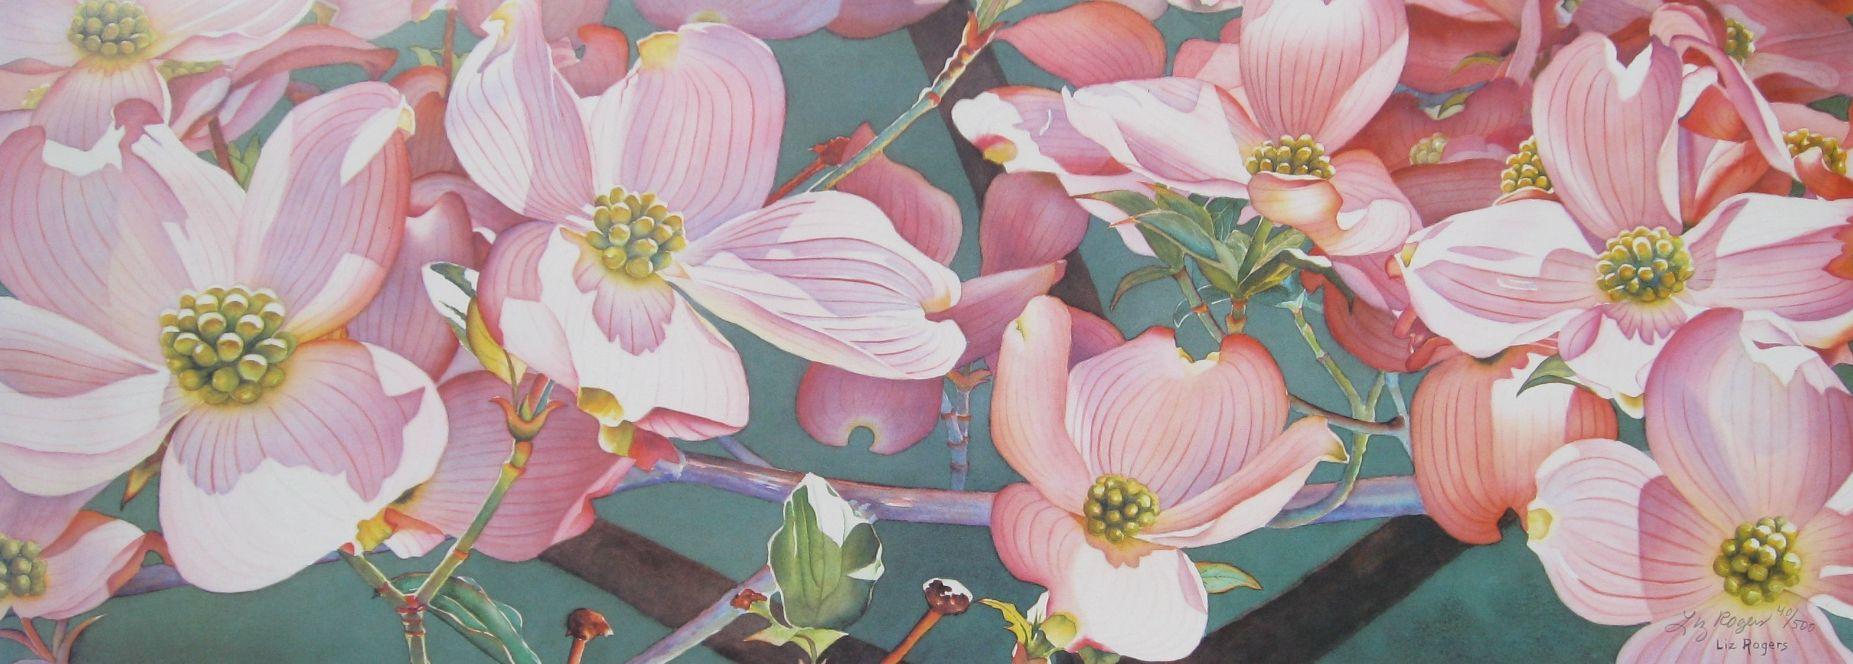 La primavera fa sbocciare fiori, colori e stampe sugli outfit del momento